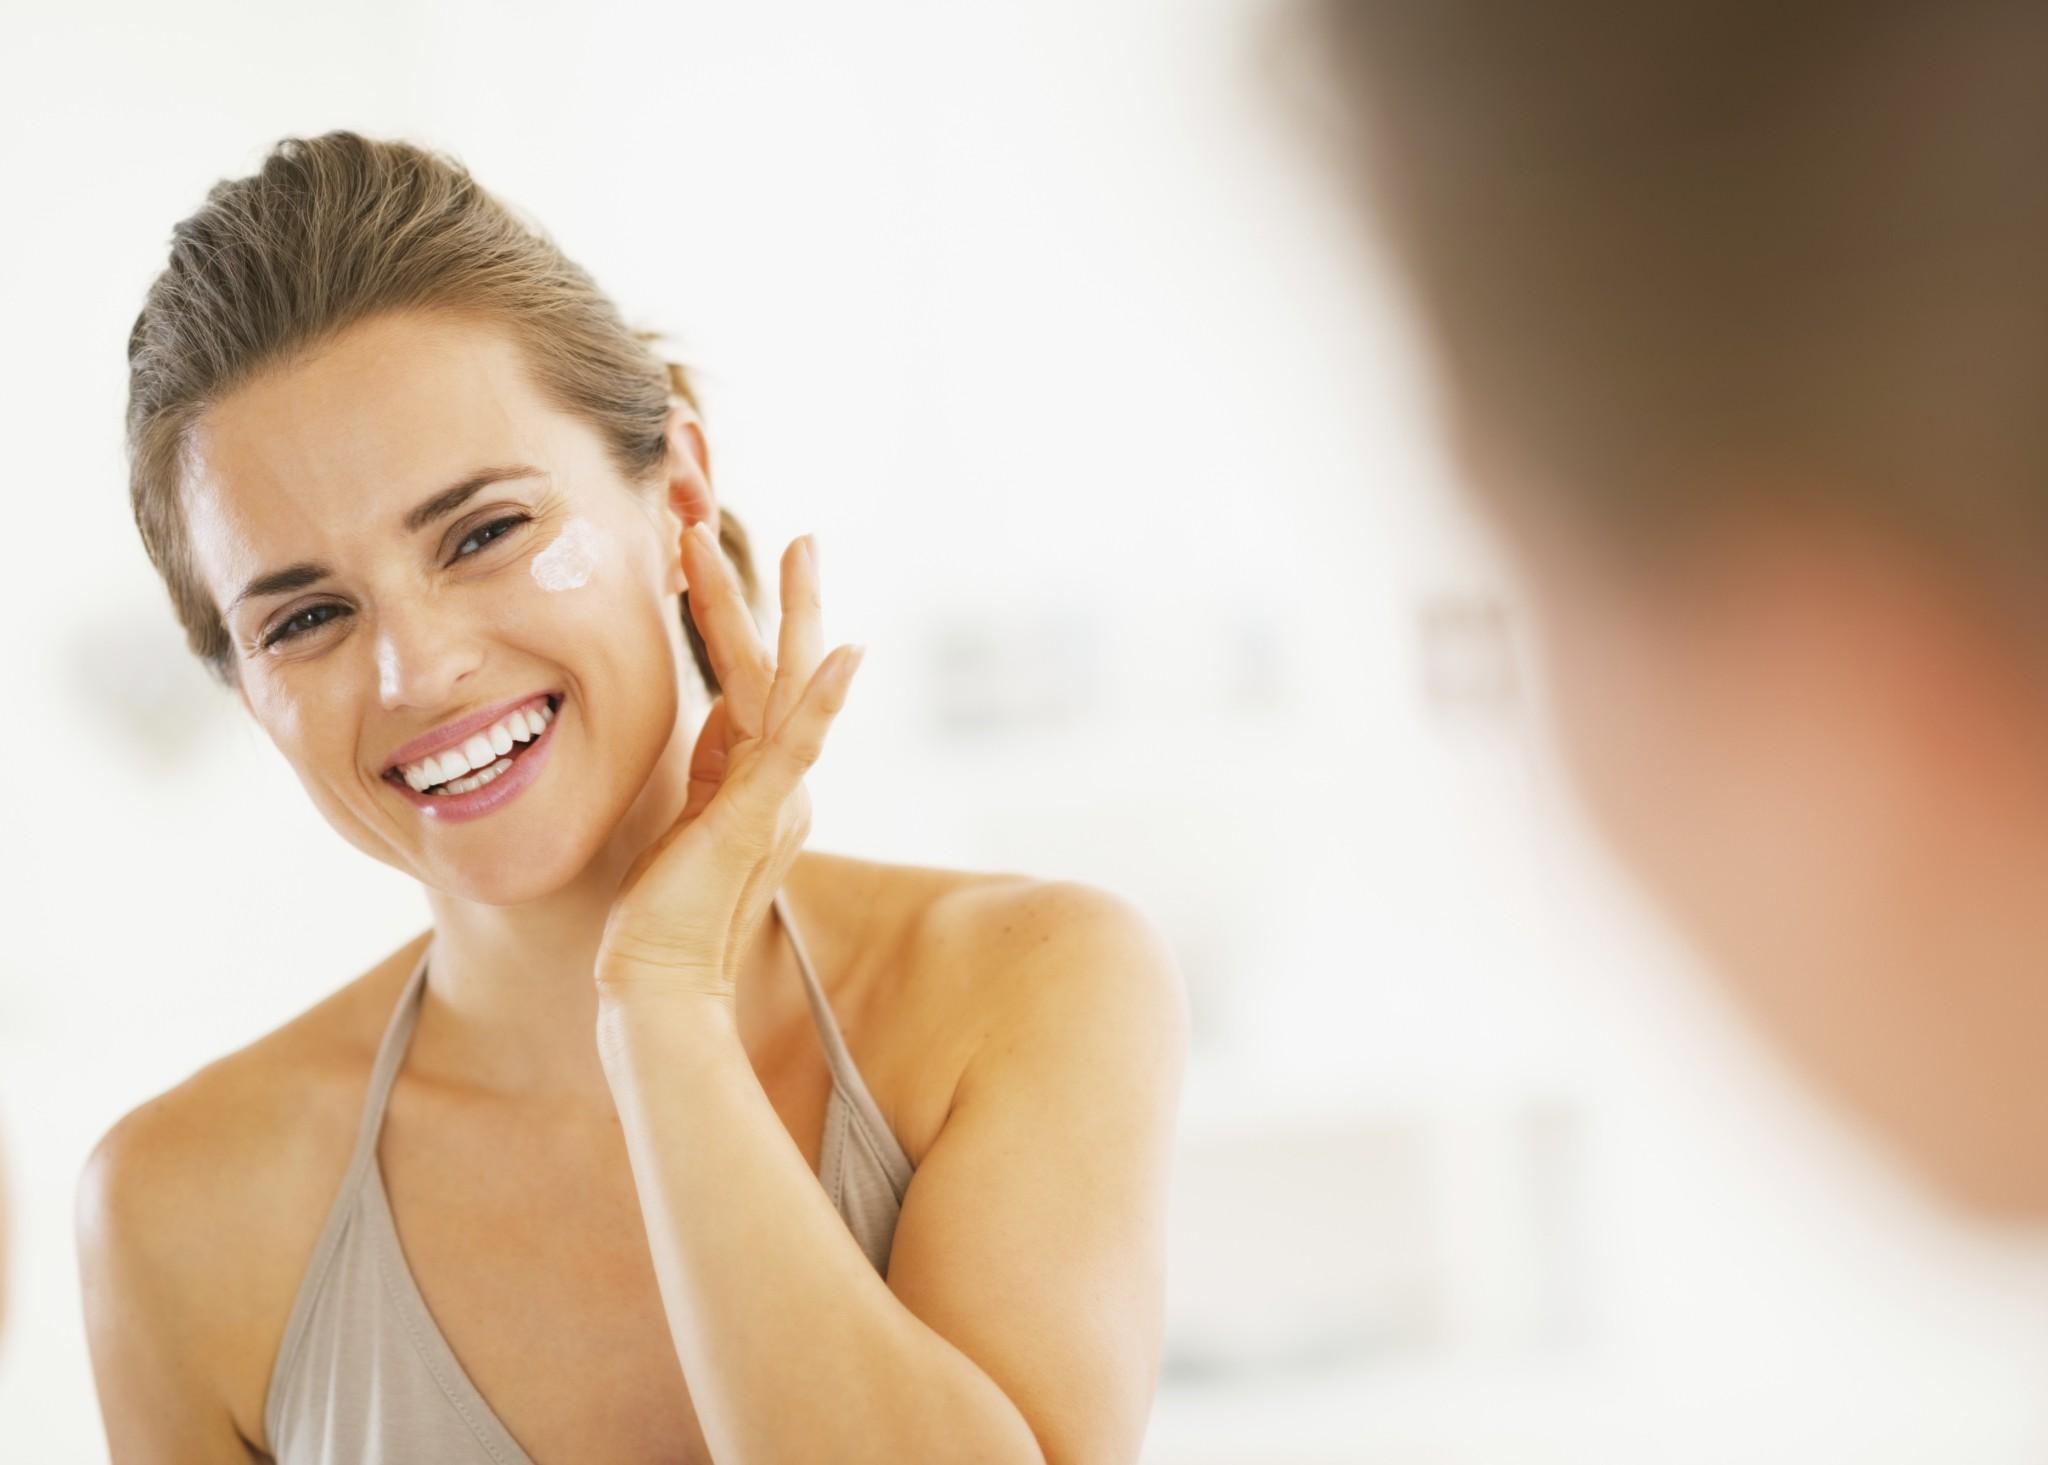 Hidratante, antioxidante e protetor solar: veja a ordem correta para aplicar os produtos de beleza no rosto